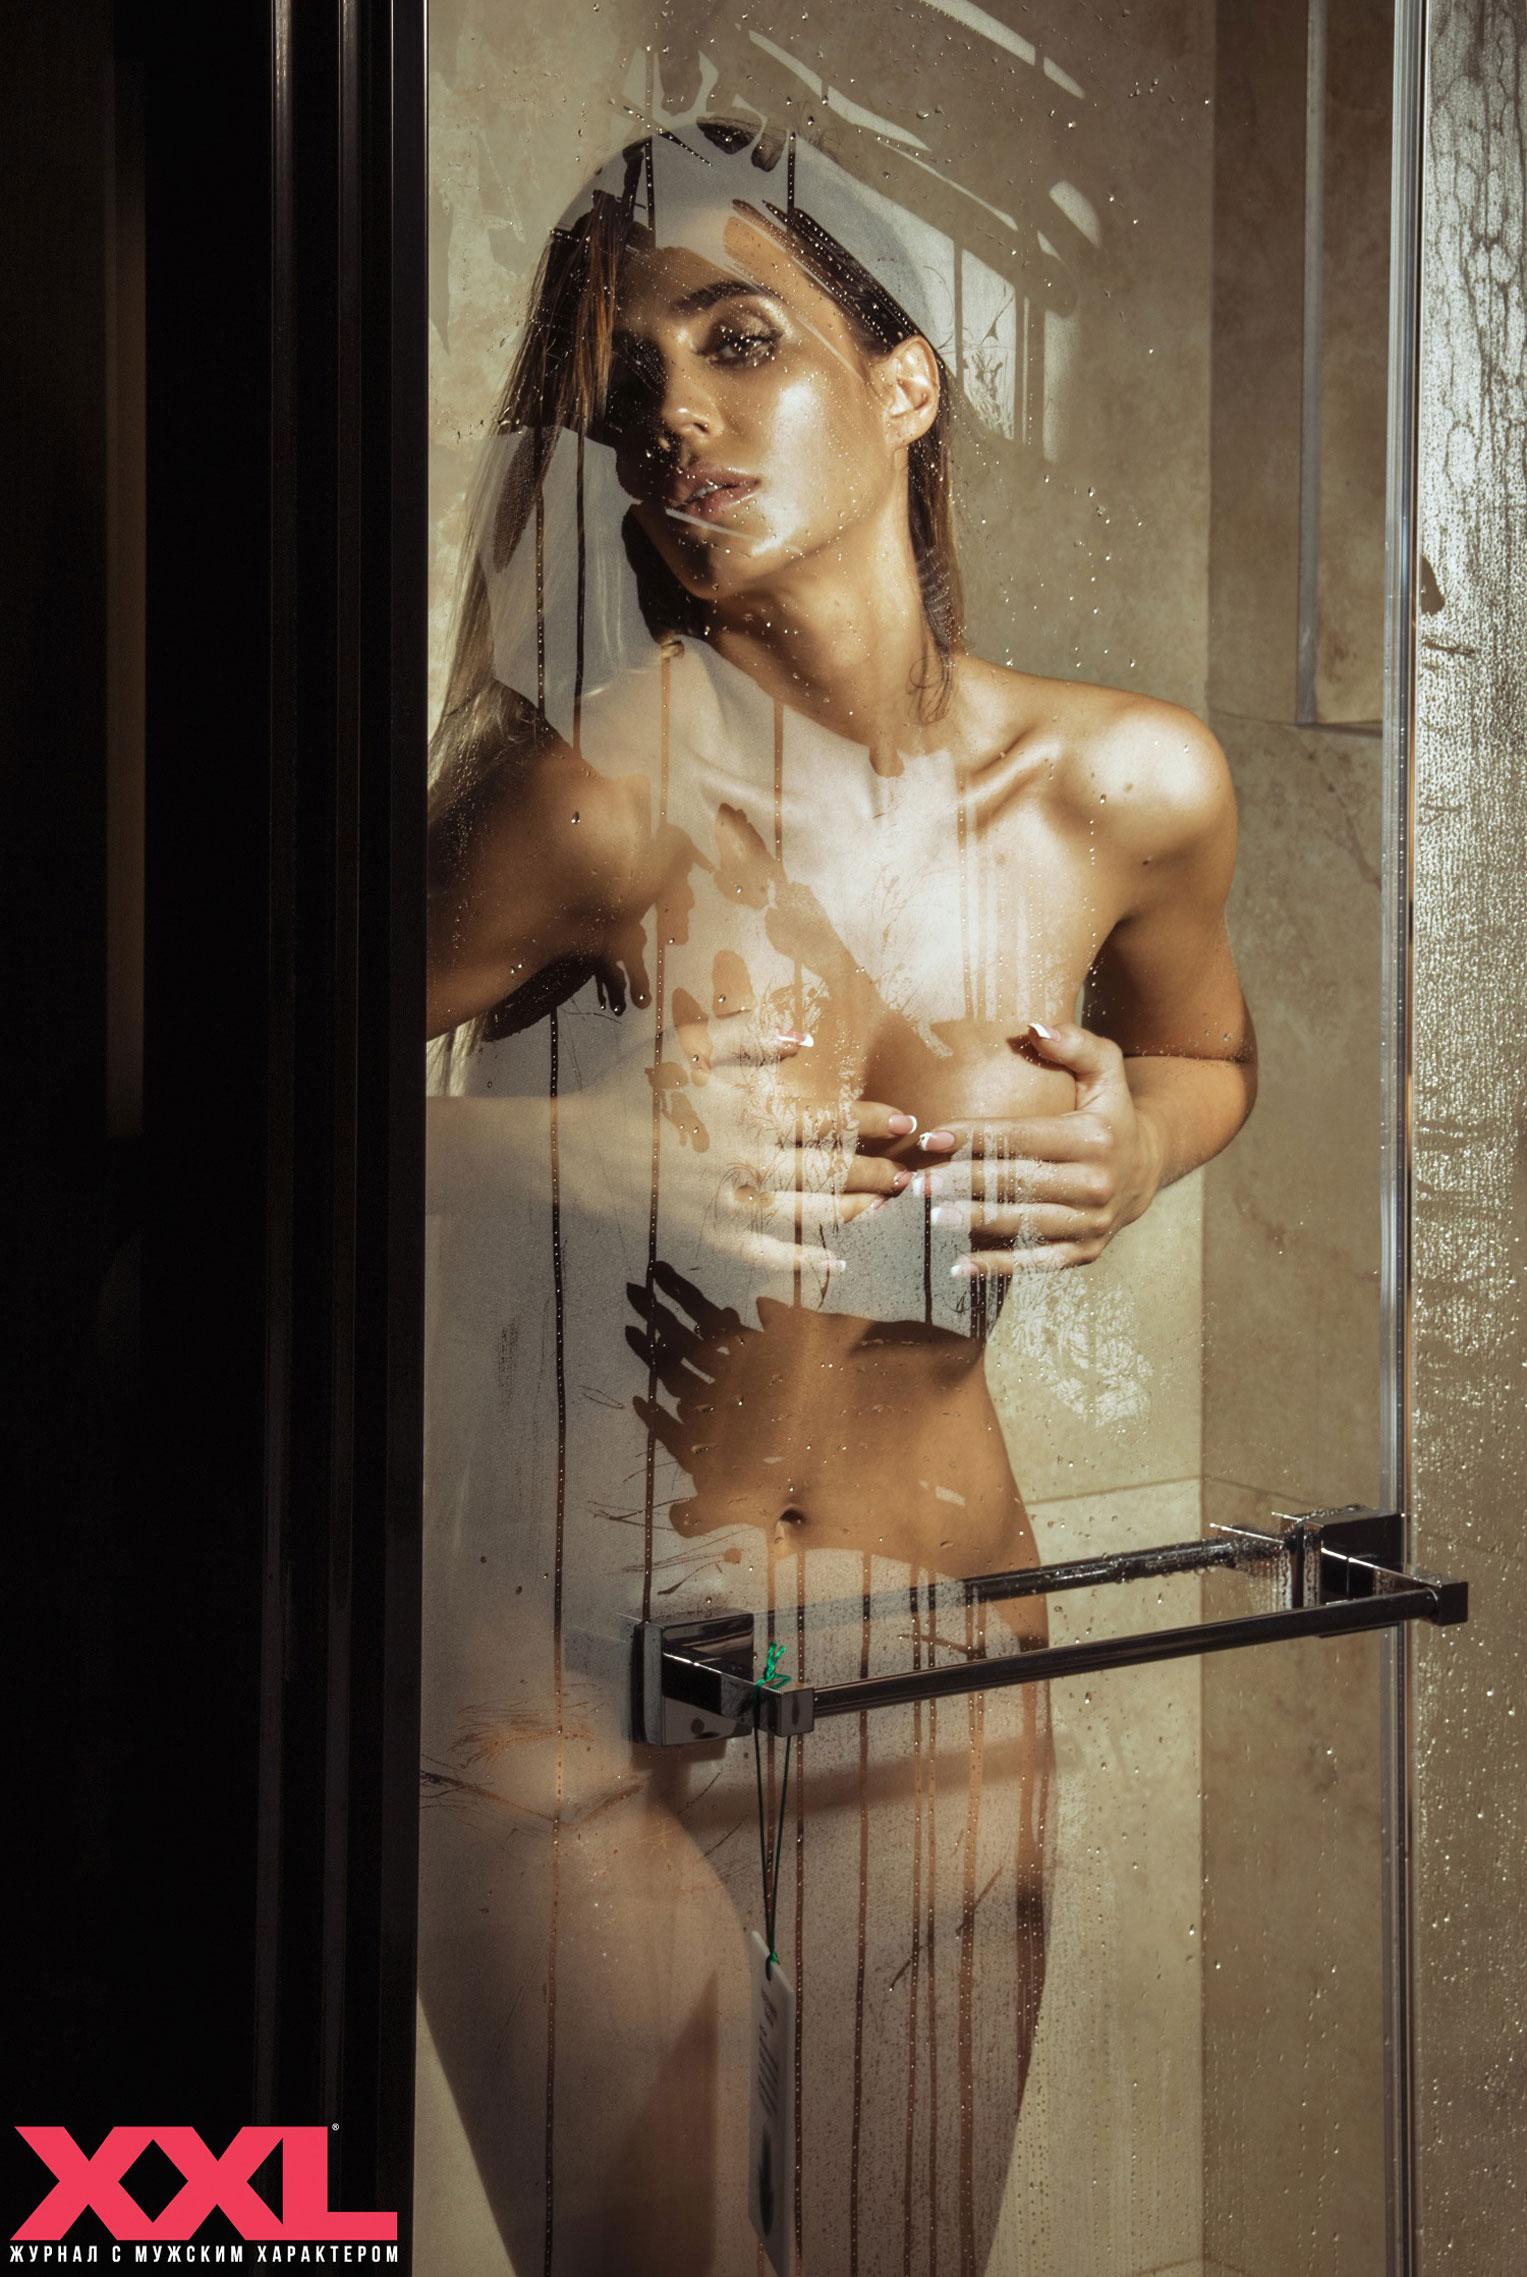 Актриса, модель и телеведущая Эмма Ди голая в мужском журнале XXL / фото 14